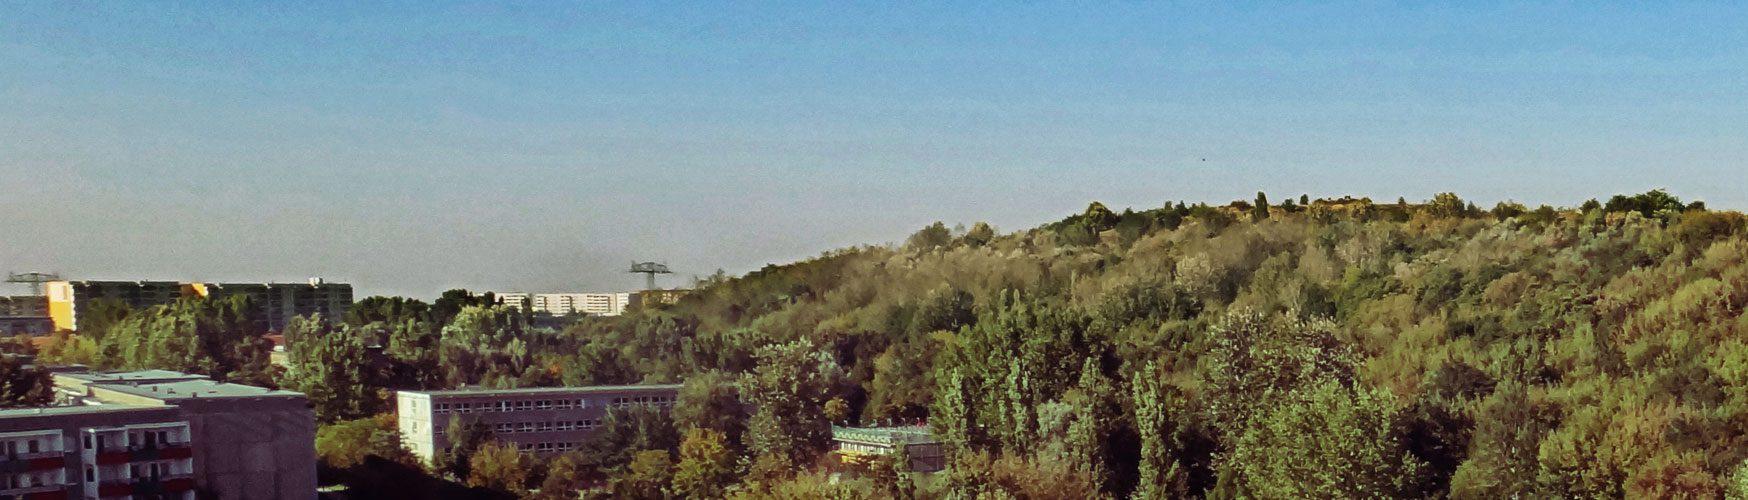 Ahrensfelder Berg